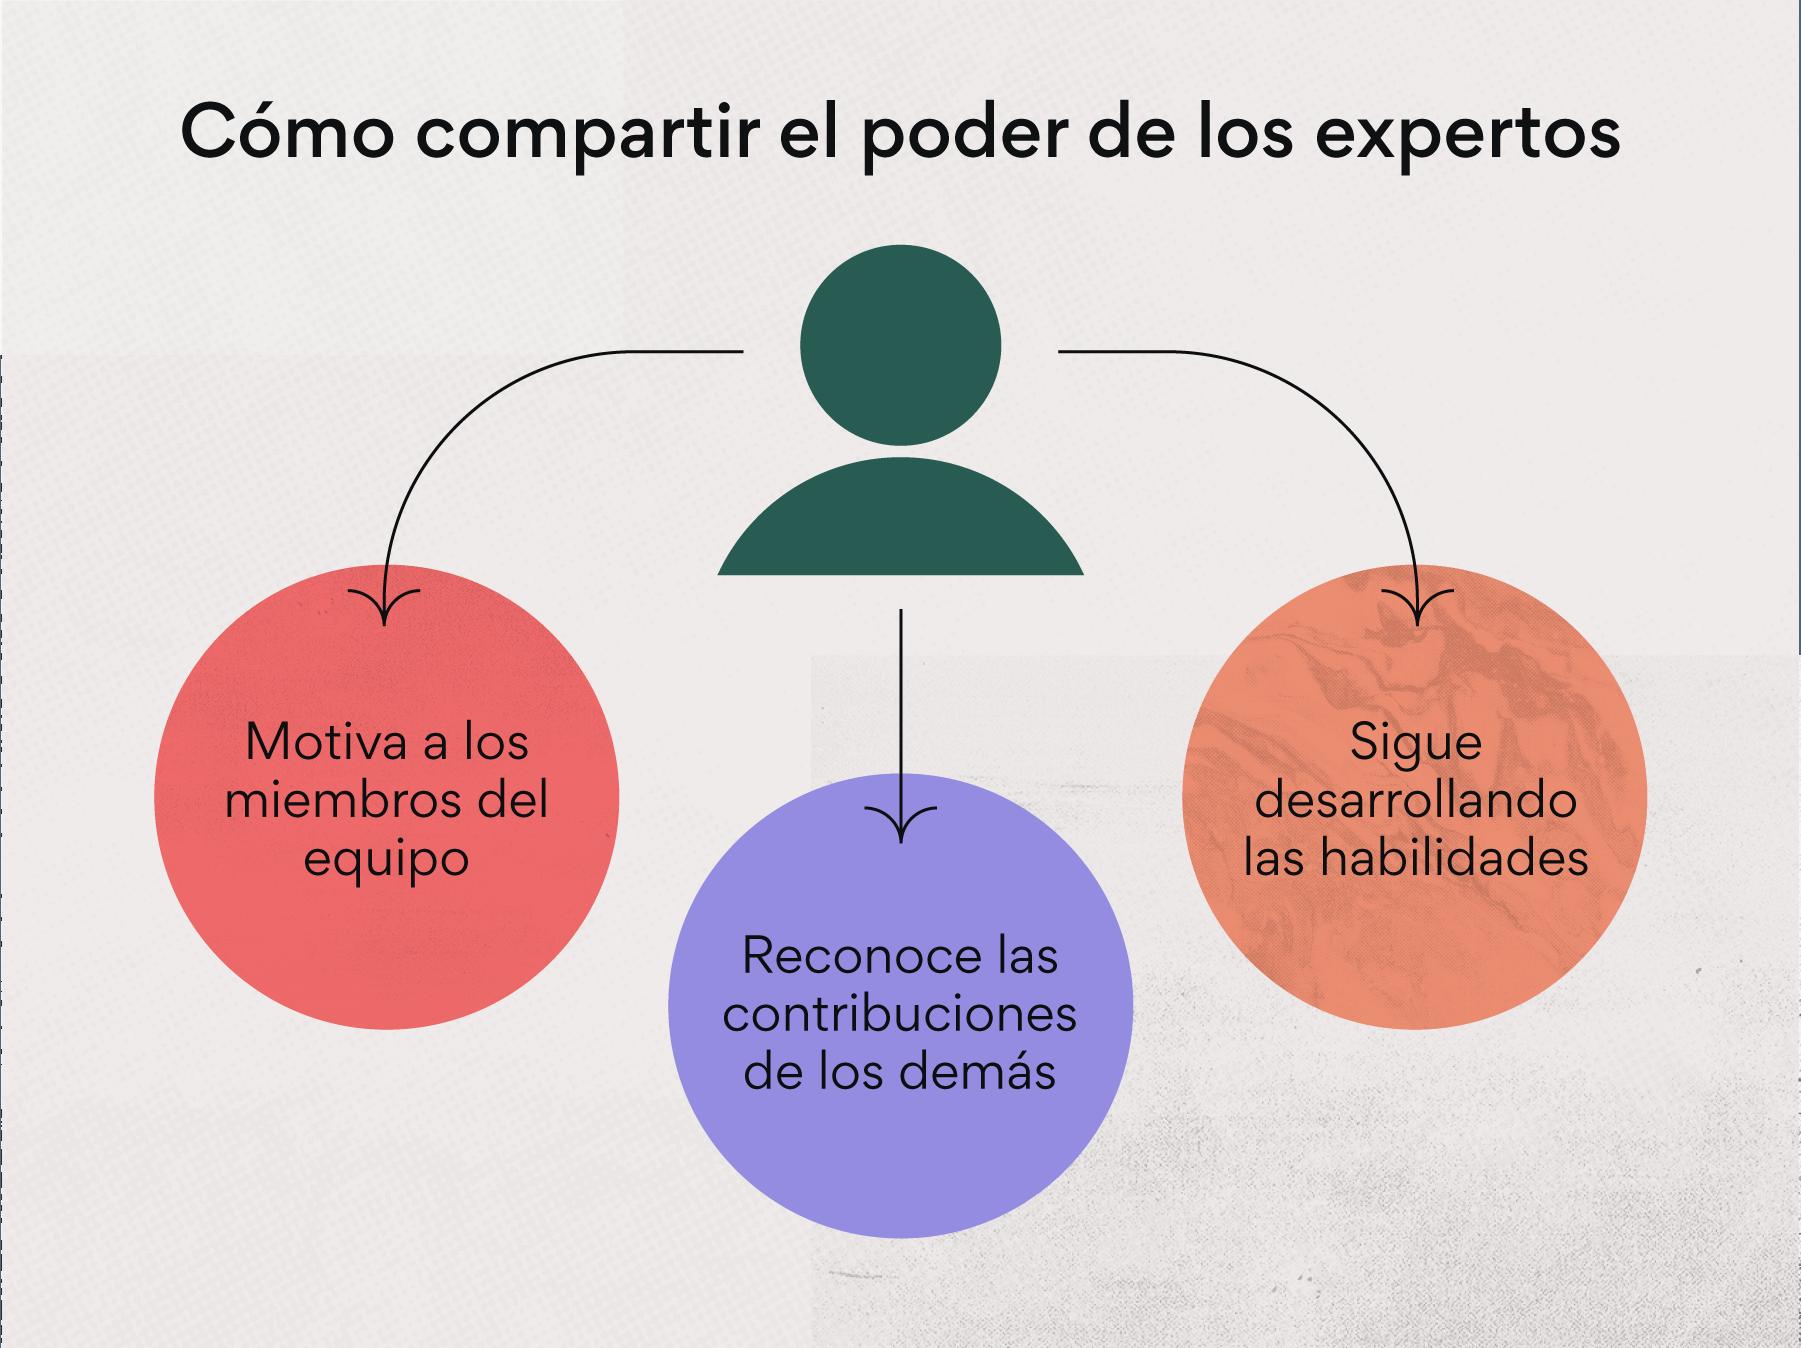 Cómo compartir el poder como experto